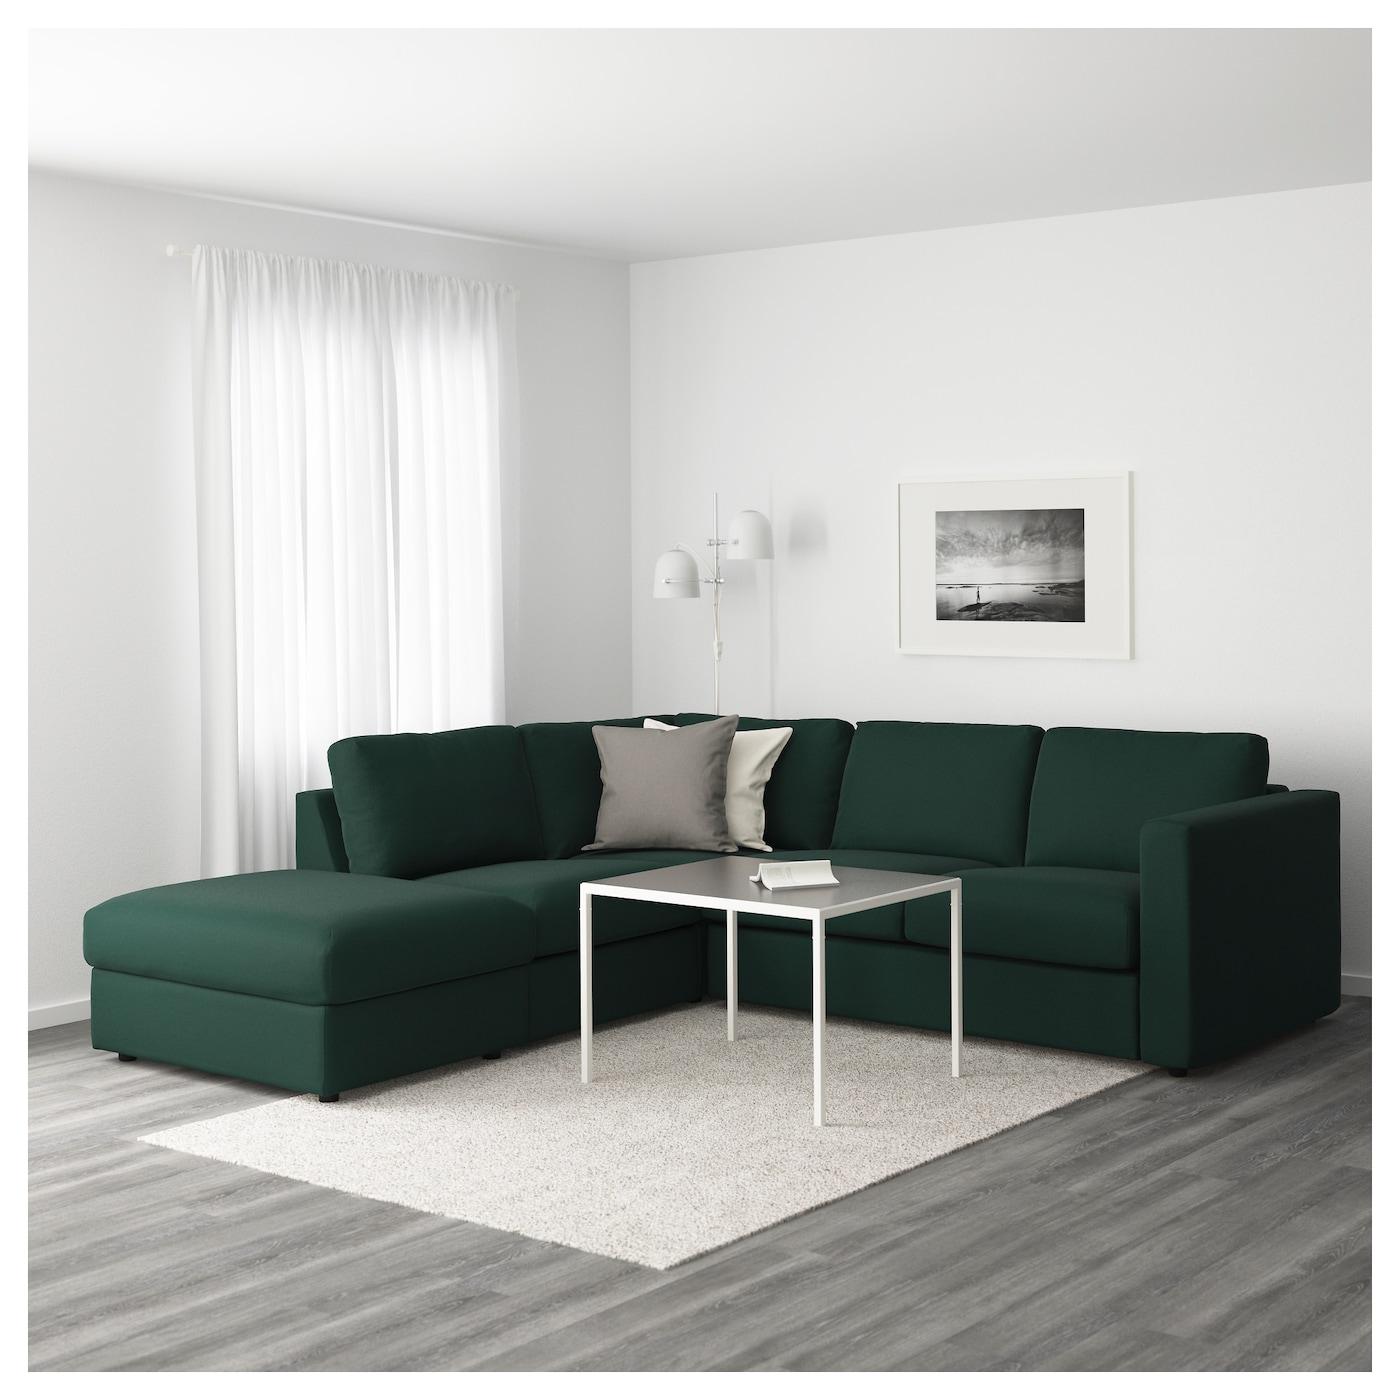 Vimle Corner Sofa 4 Seat With Open End Gunnared Dark